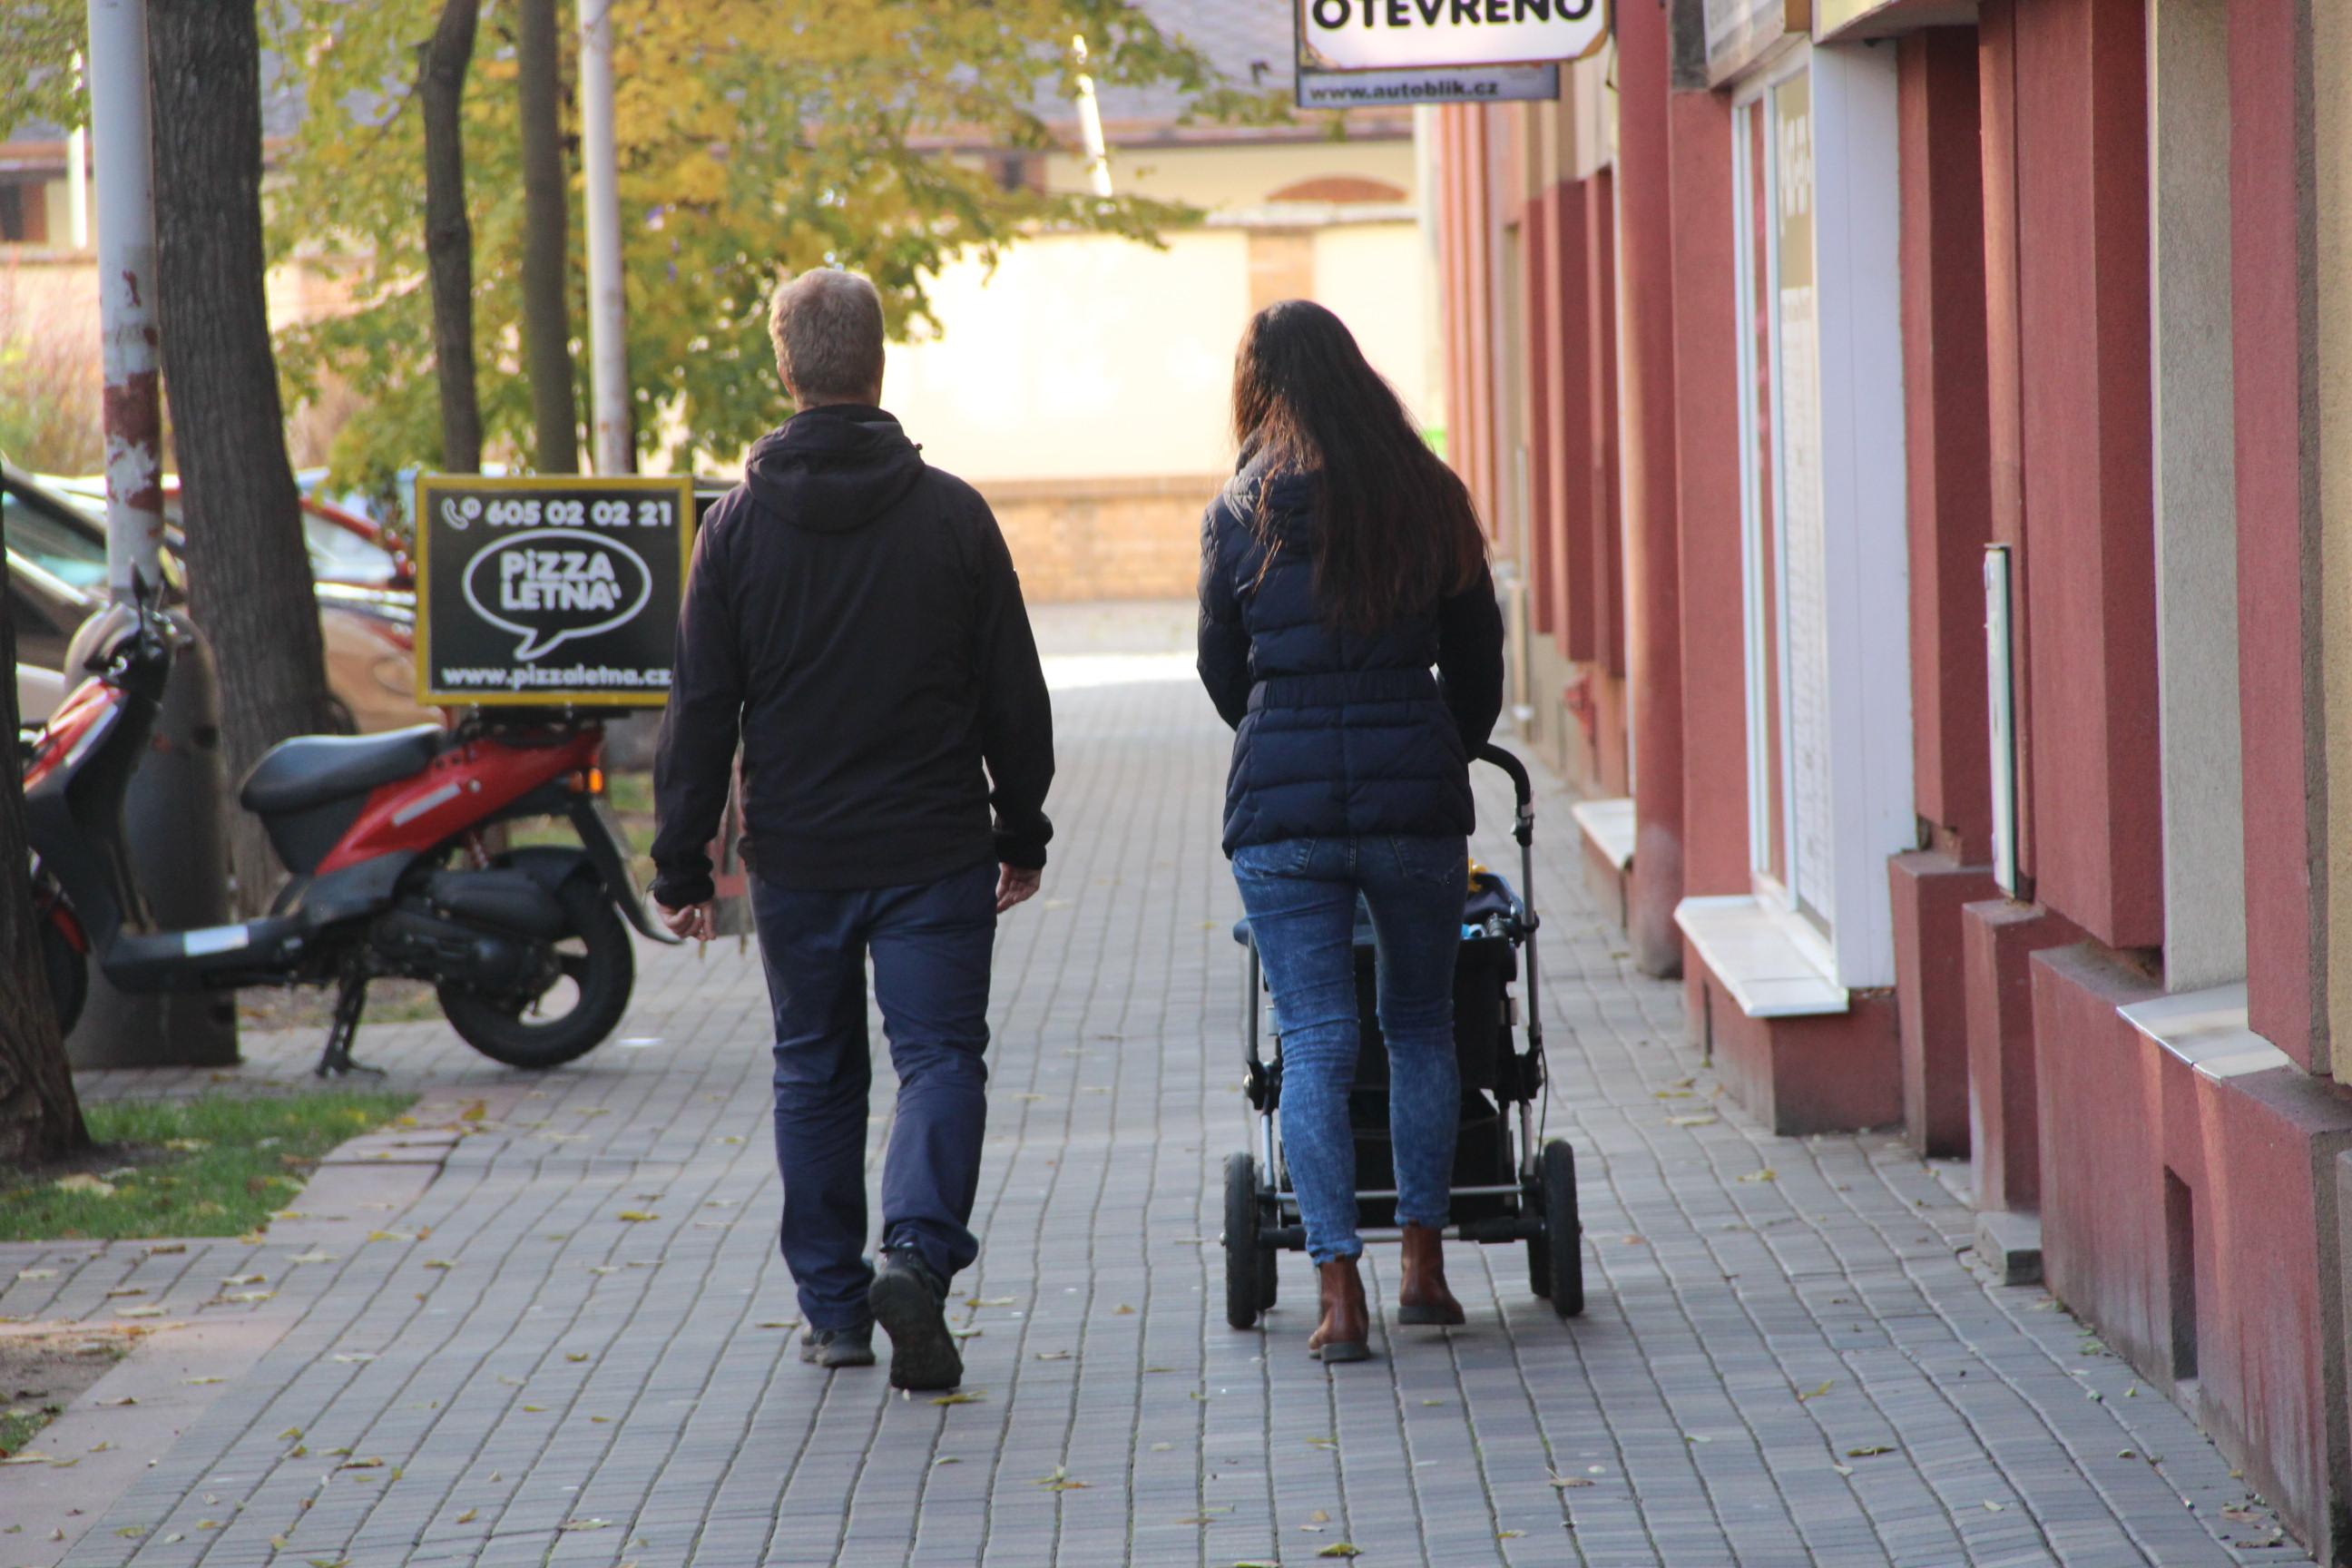 """Režim masek zaveden v Moskvě """"Obyvatelé jsou povinni nosit masky a rukavice na veřejných místech"""""""